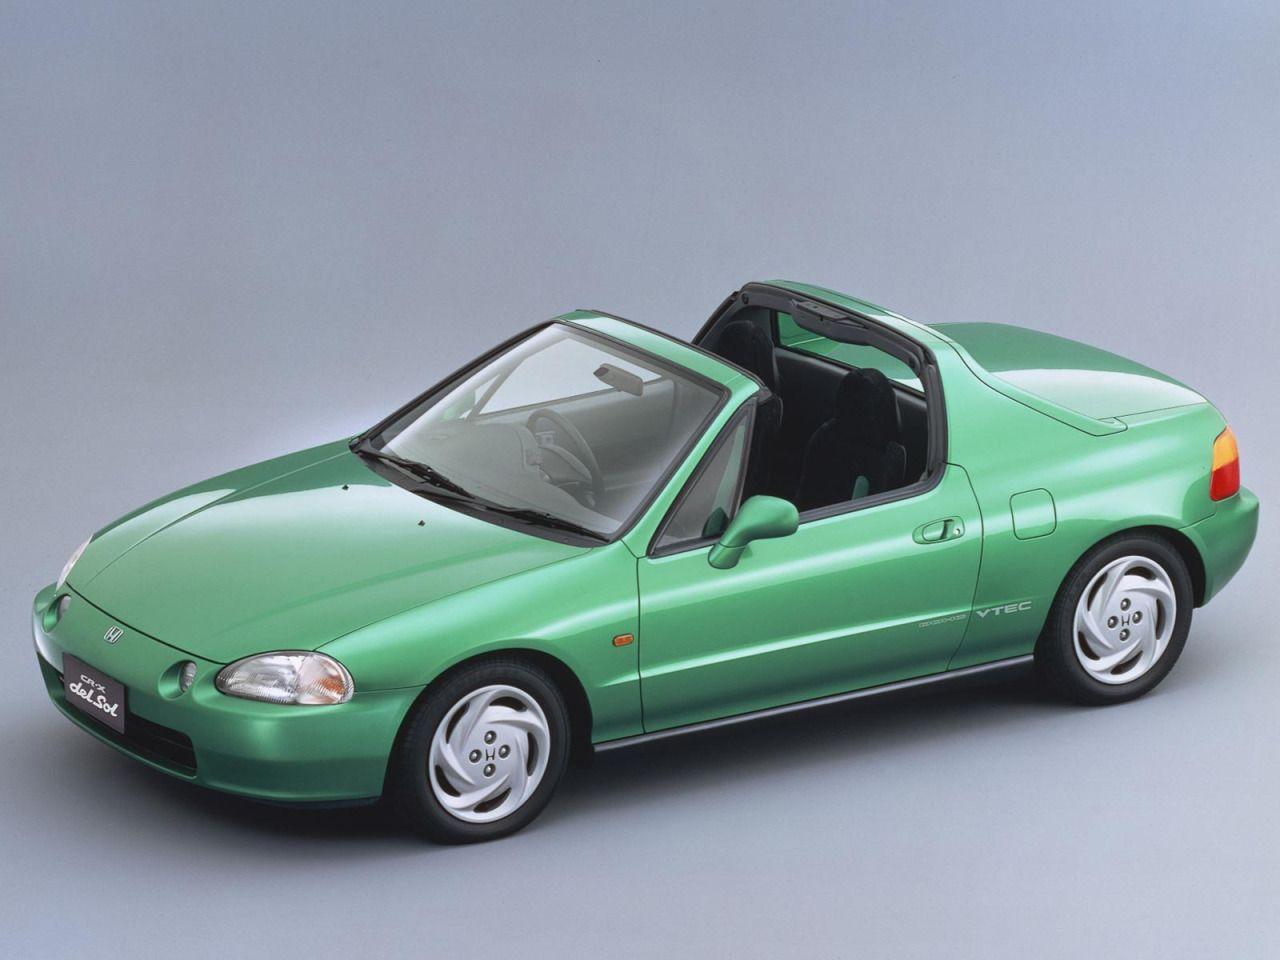 Honda Civic Crx Del Sol 1992 Youngtimer